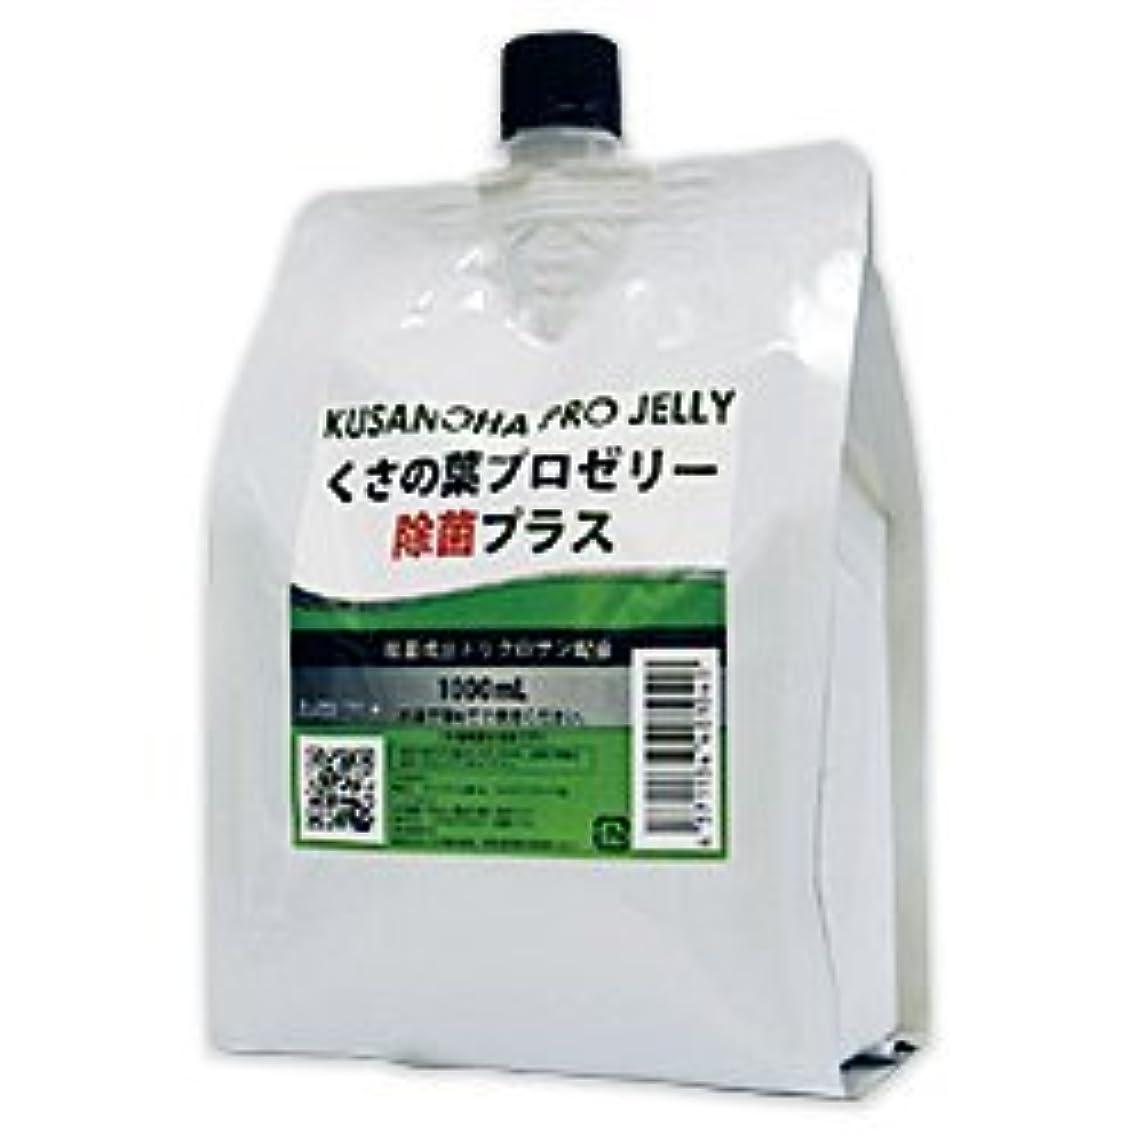 多様体記念省略【クサノハ化粧品】 くさの葉プロゼリー 除菌プラス 1000ml ×3個セット